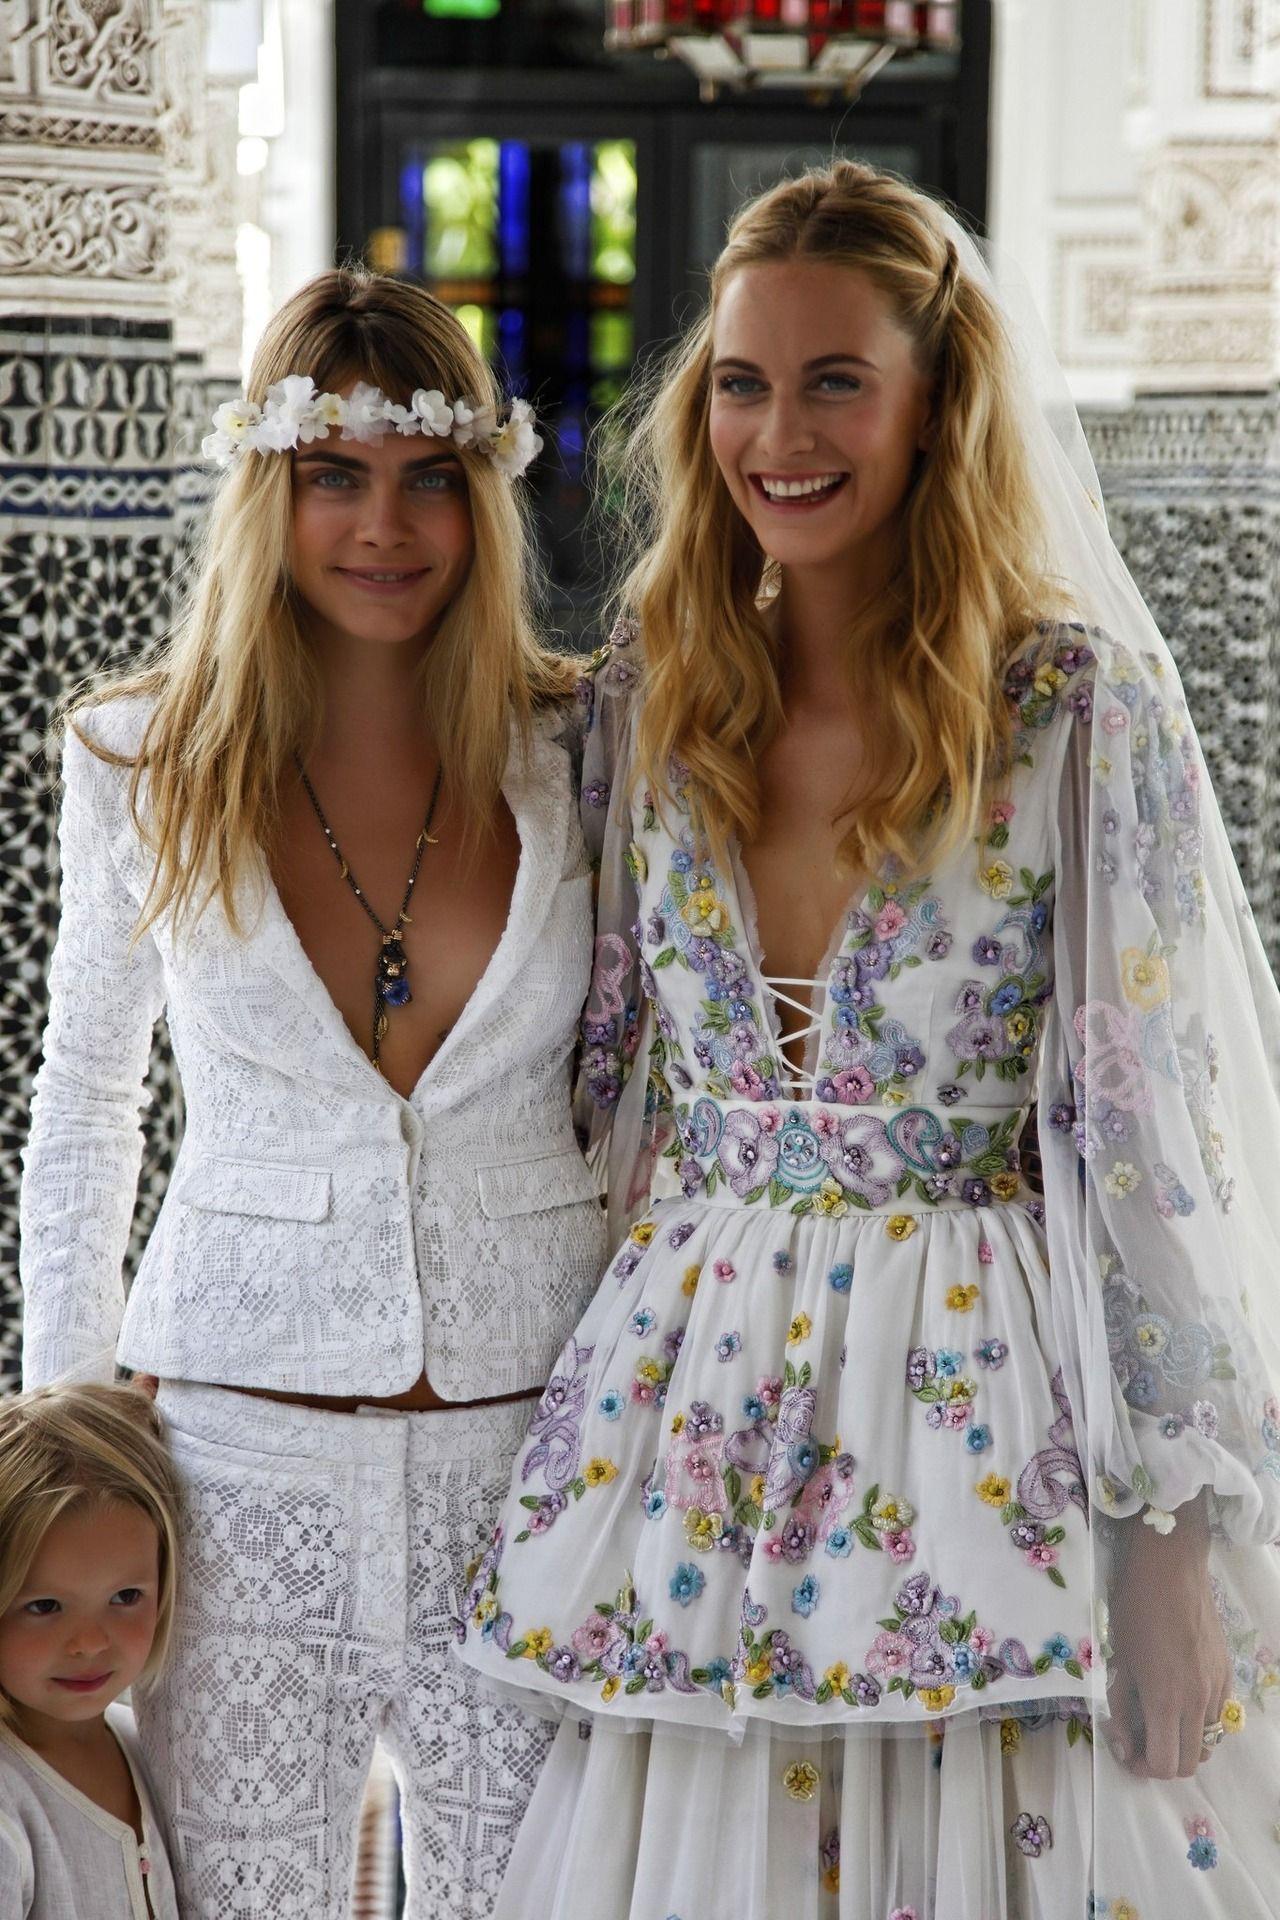 celebridades que vistieron un vestido de novia de color - Poppy Delevingne - Wedding Hub - 03